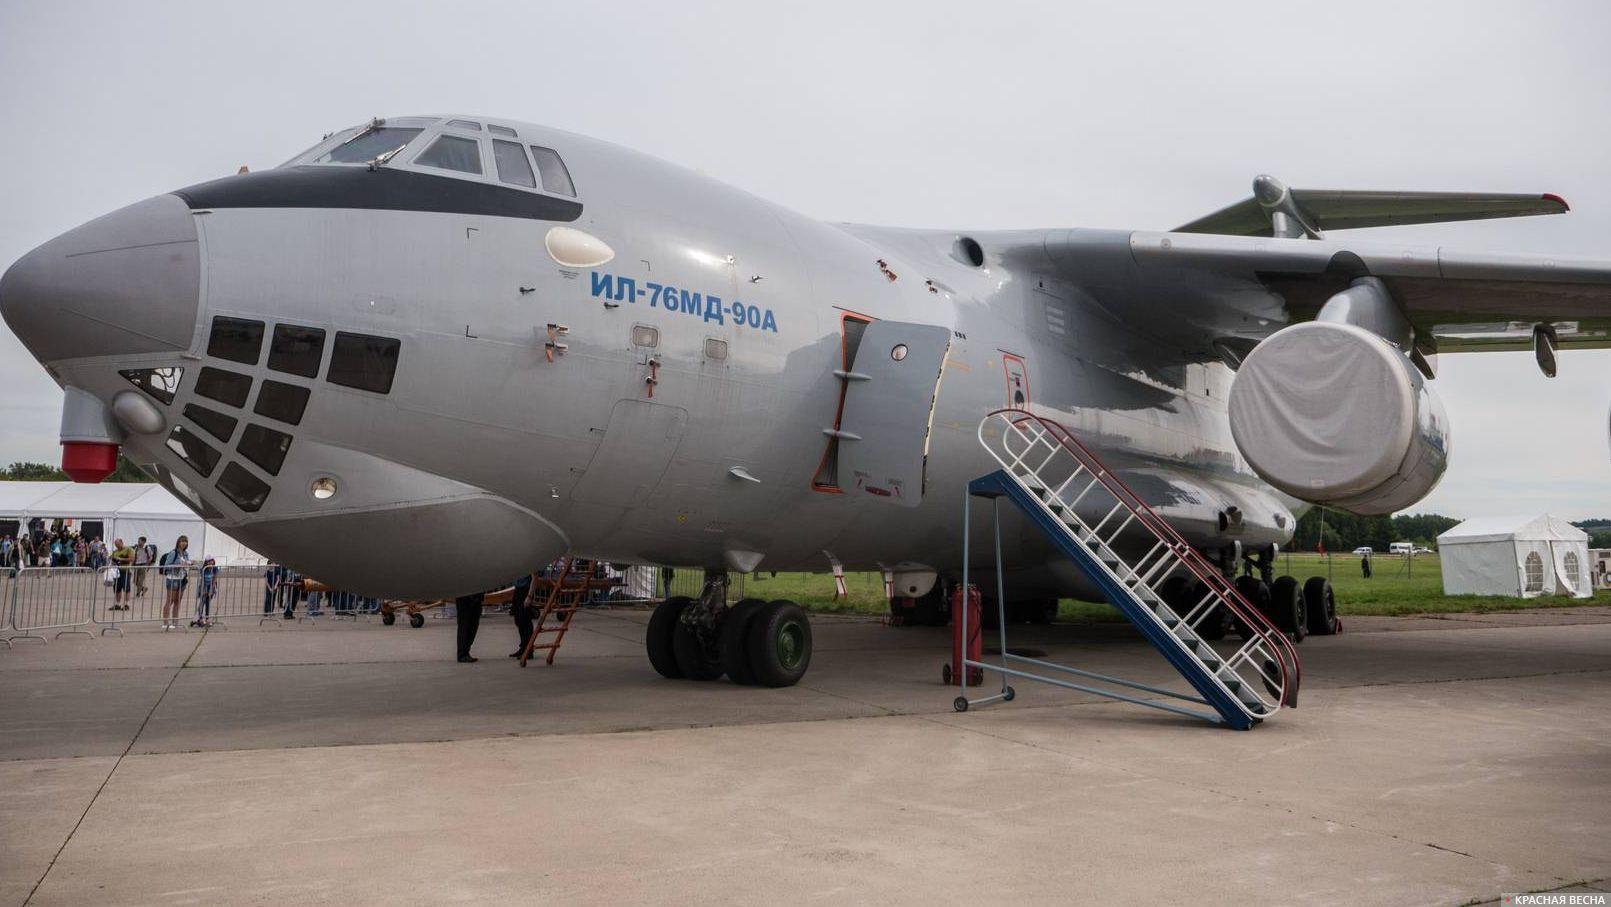 Тяжелый военно-транспортный  самолет Ил-76МД-90А.